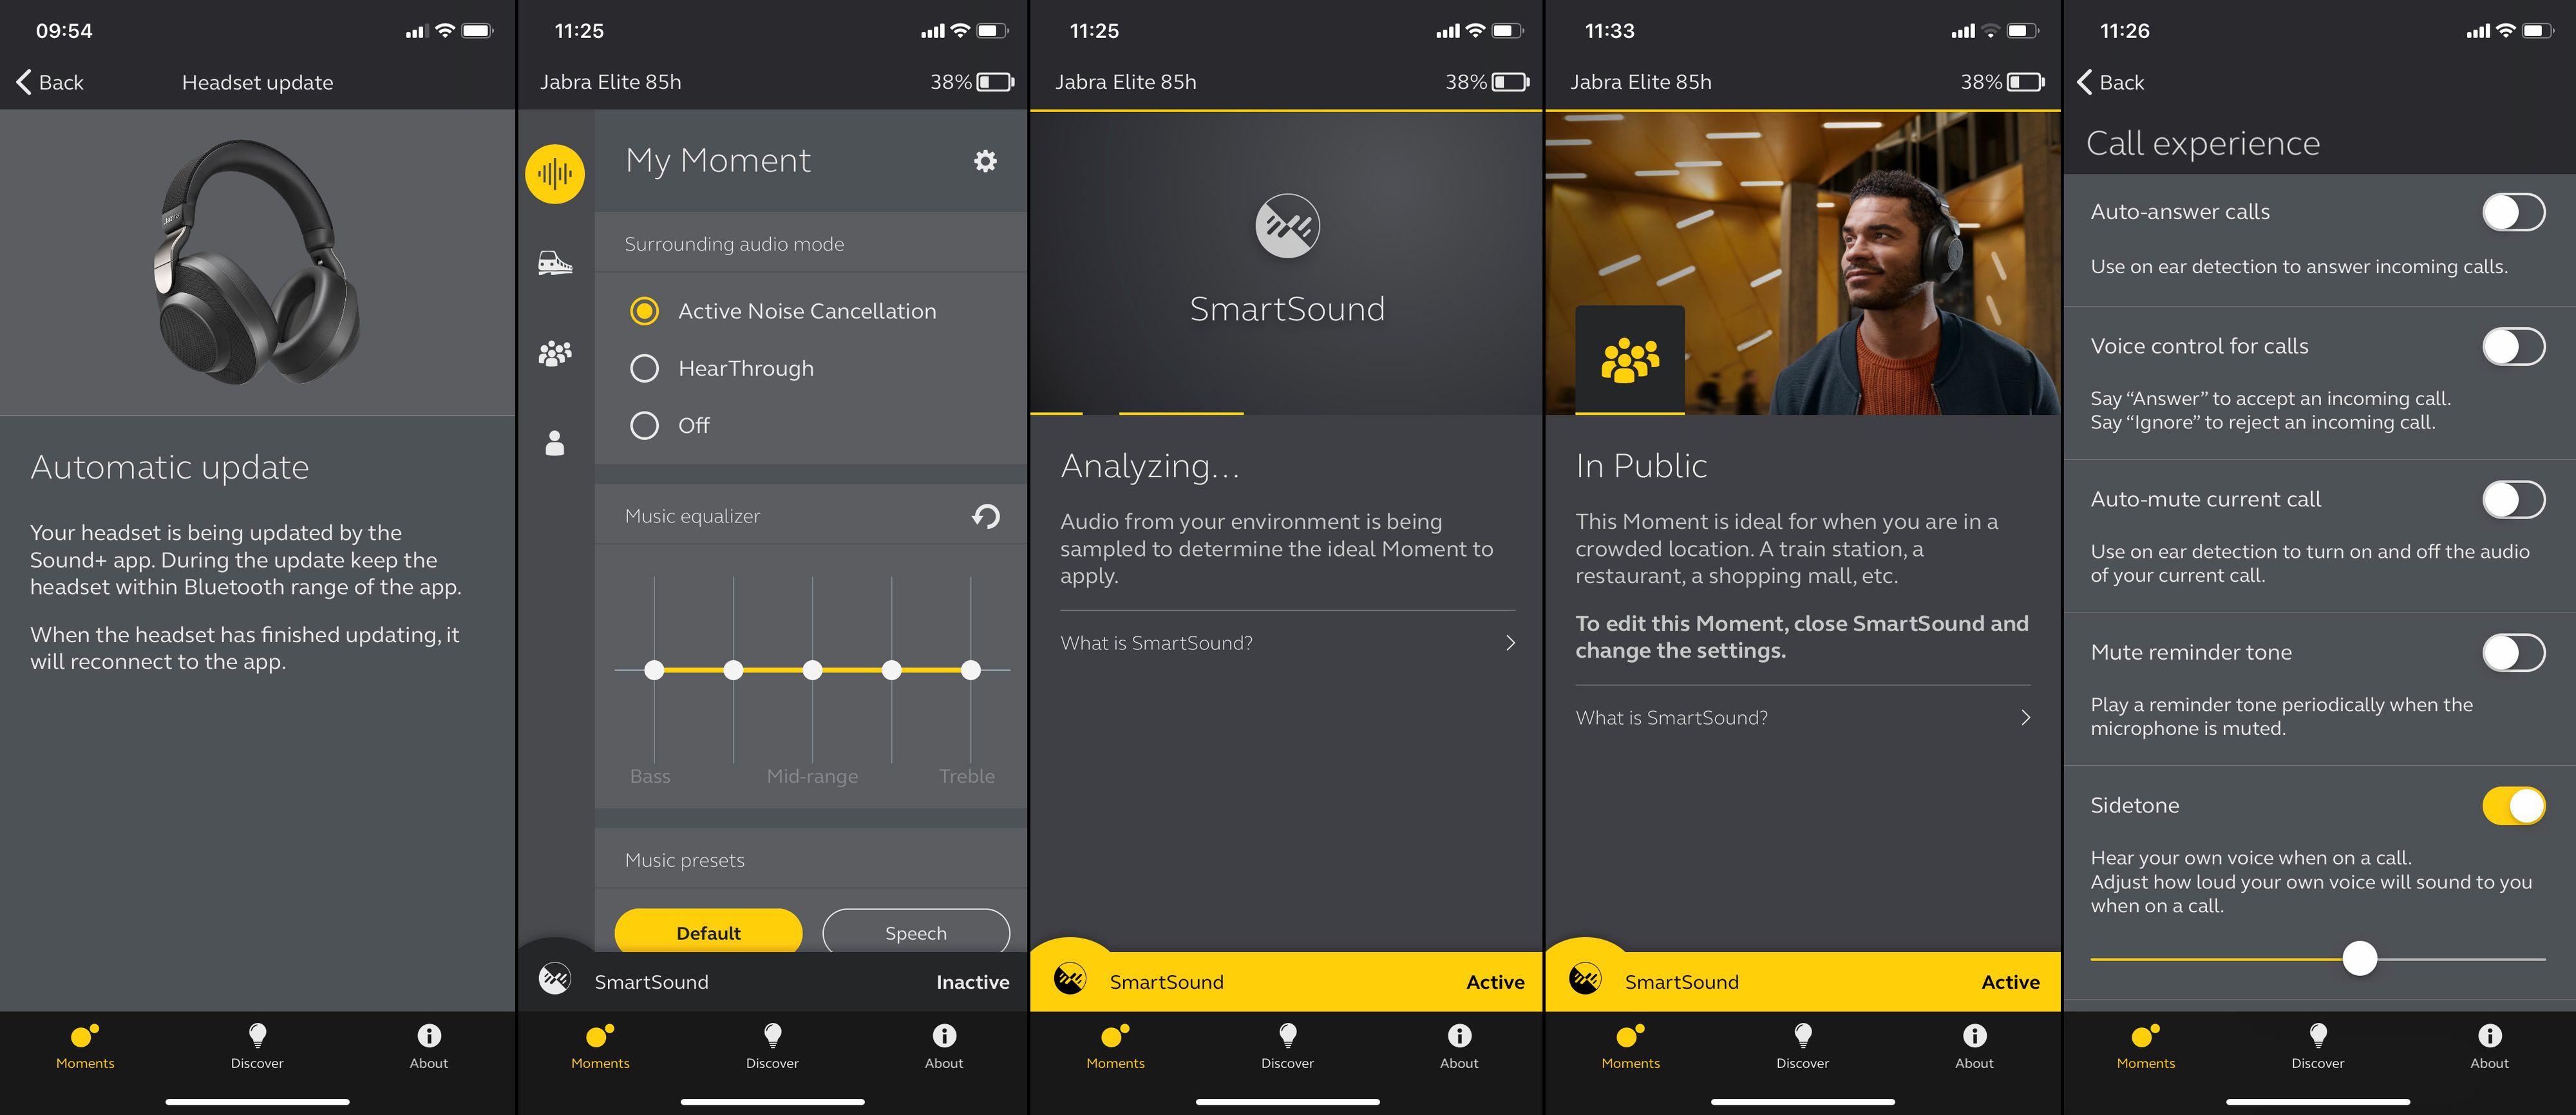 Jabra-appen gir tilgang til å finjustere de fleste funksjoner. Vil du la hodetelefonene bestemme, aktiverer du SmartSound.